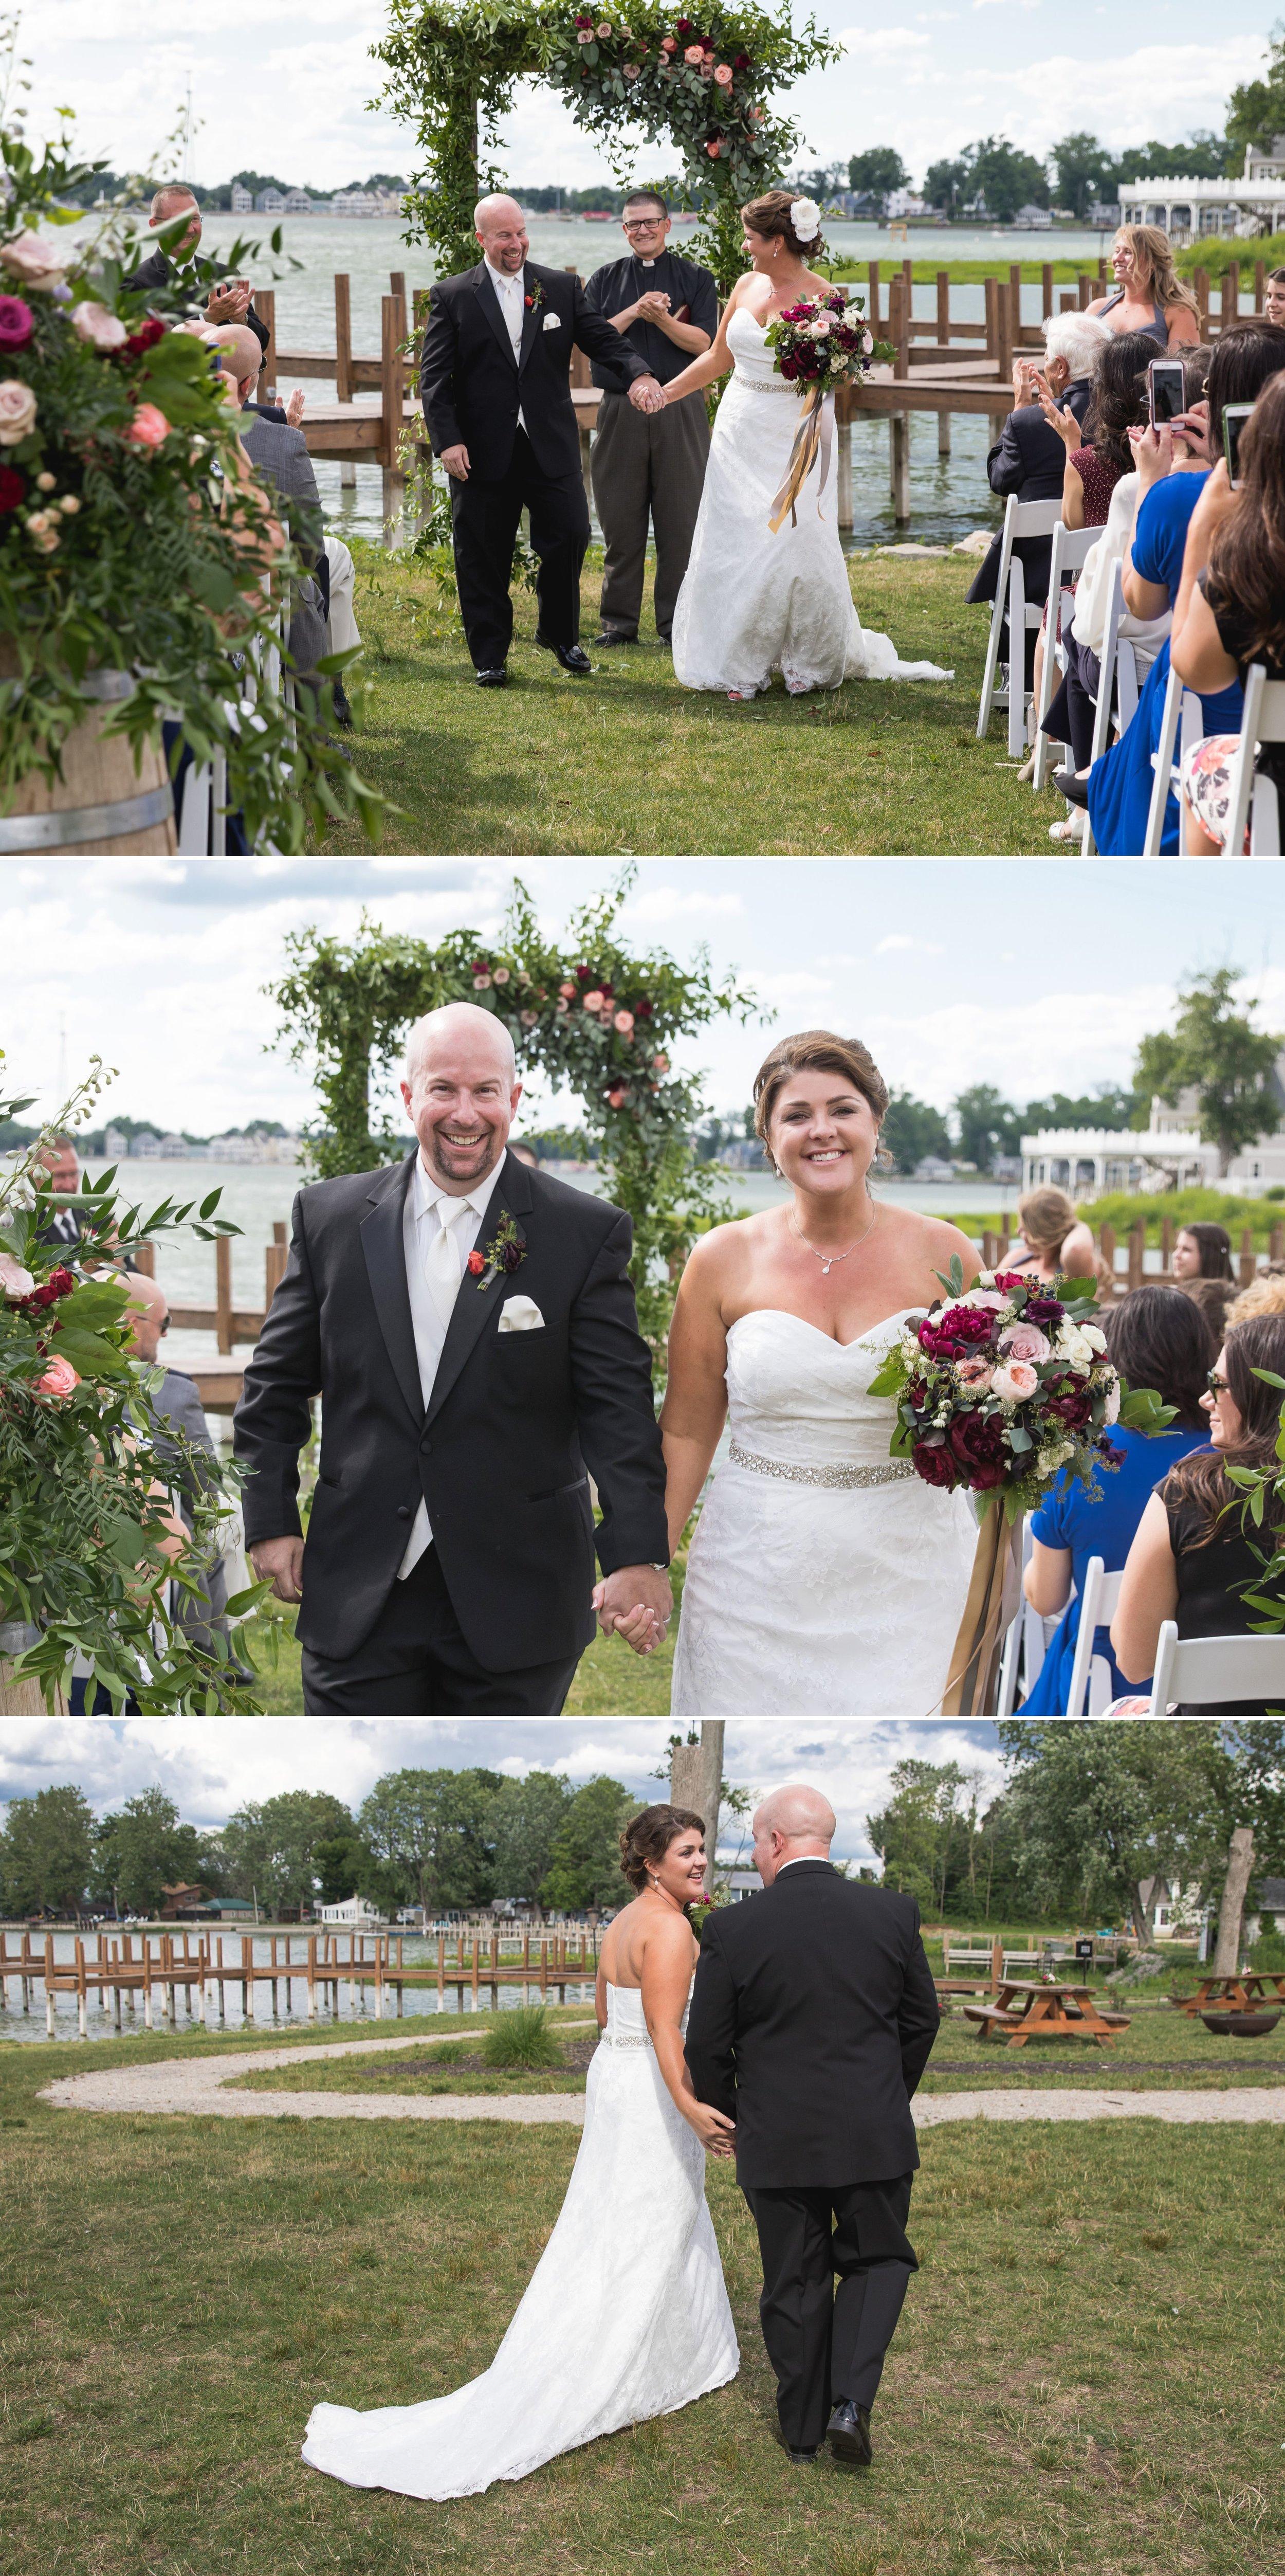 014-Buckeye-lake-winery-wedding-ceremony-columbus-ohio-wedding-photography-muschlitz-photography-04.JPG